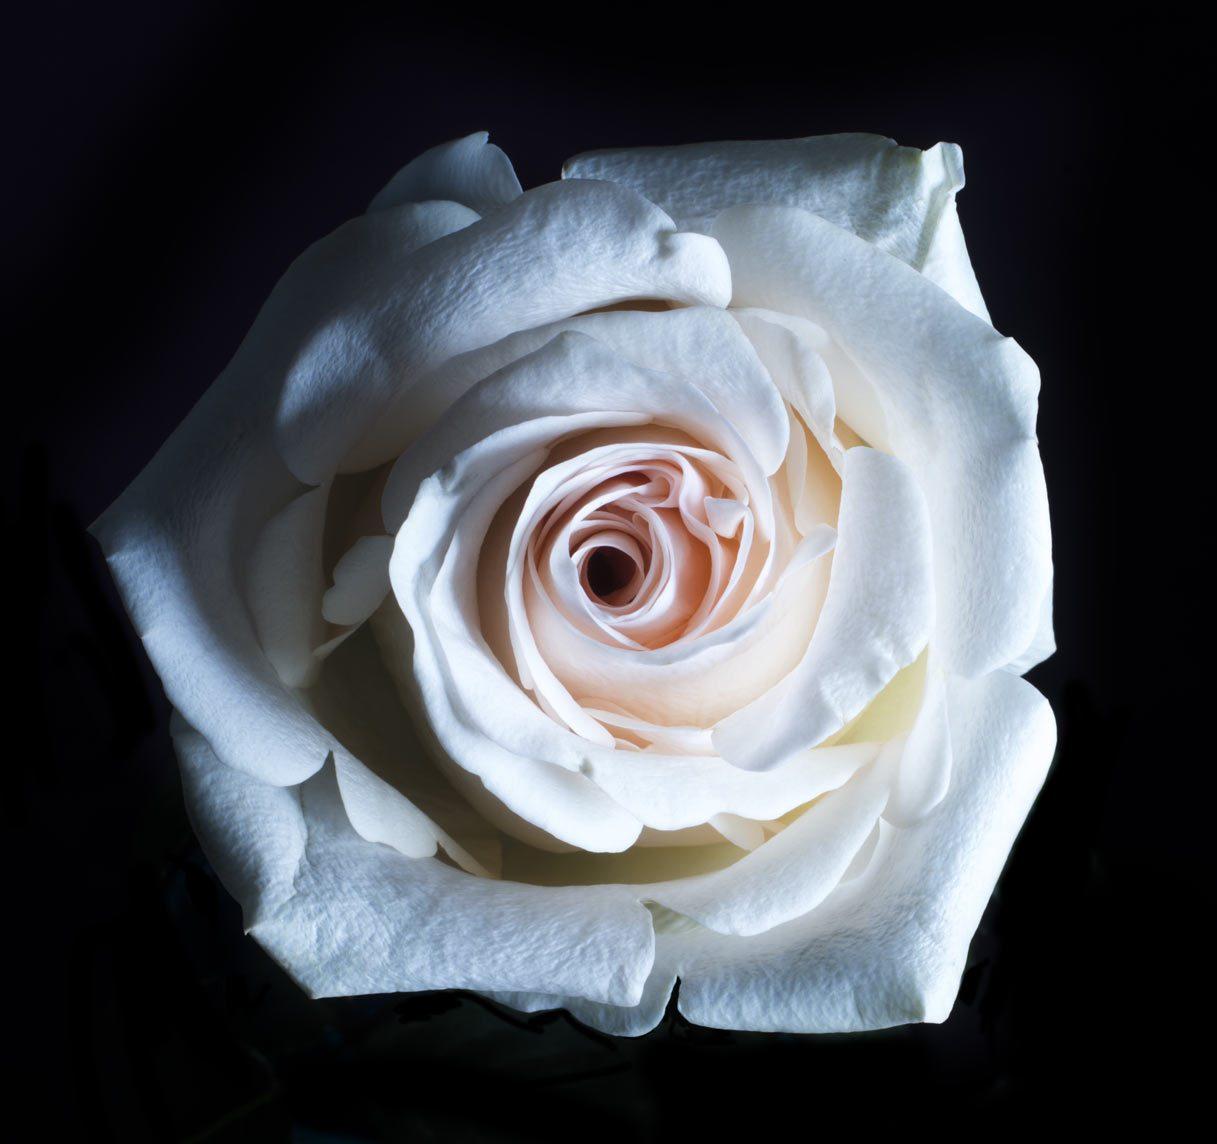 バラ の 花 た 白い 言葉 枯れ